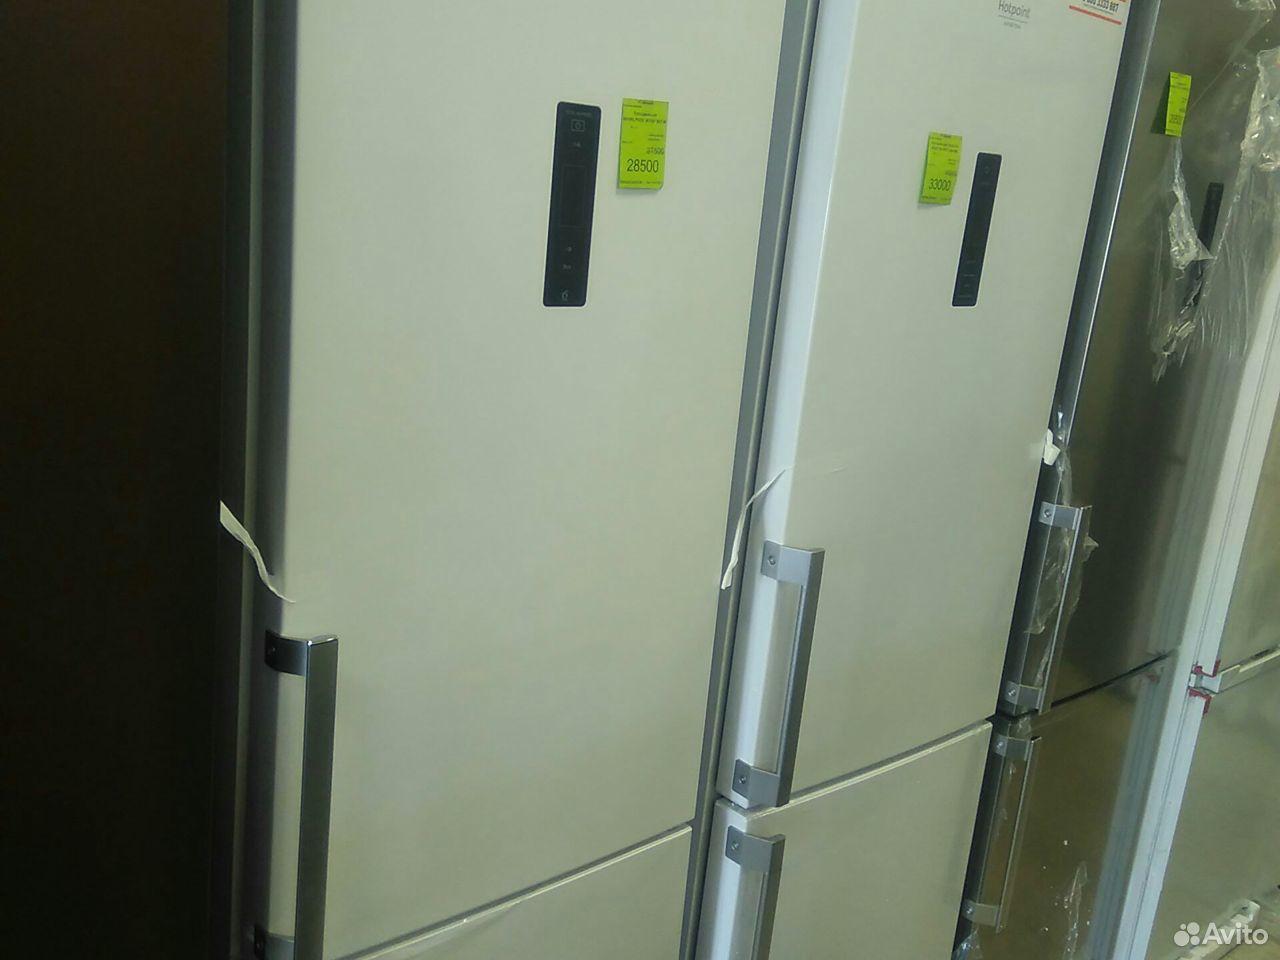 Холодильник Whirlpool wtnf 902 W  89005967771 купить 1